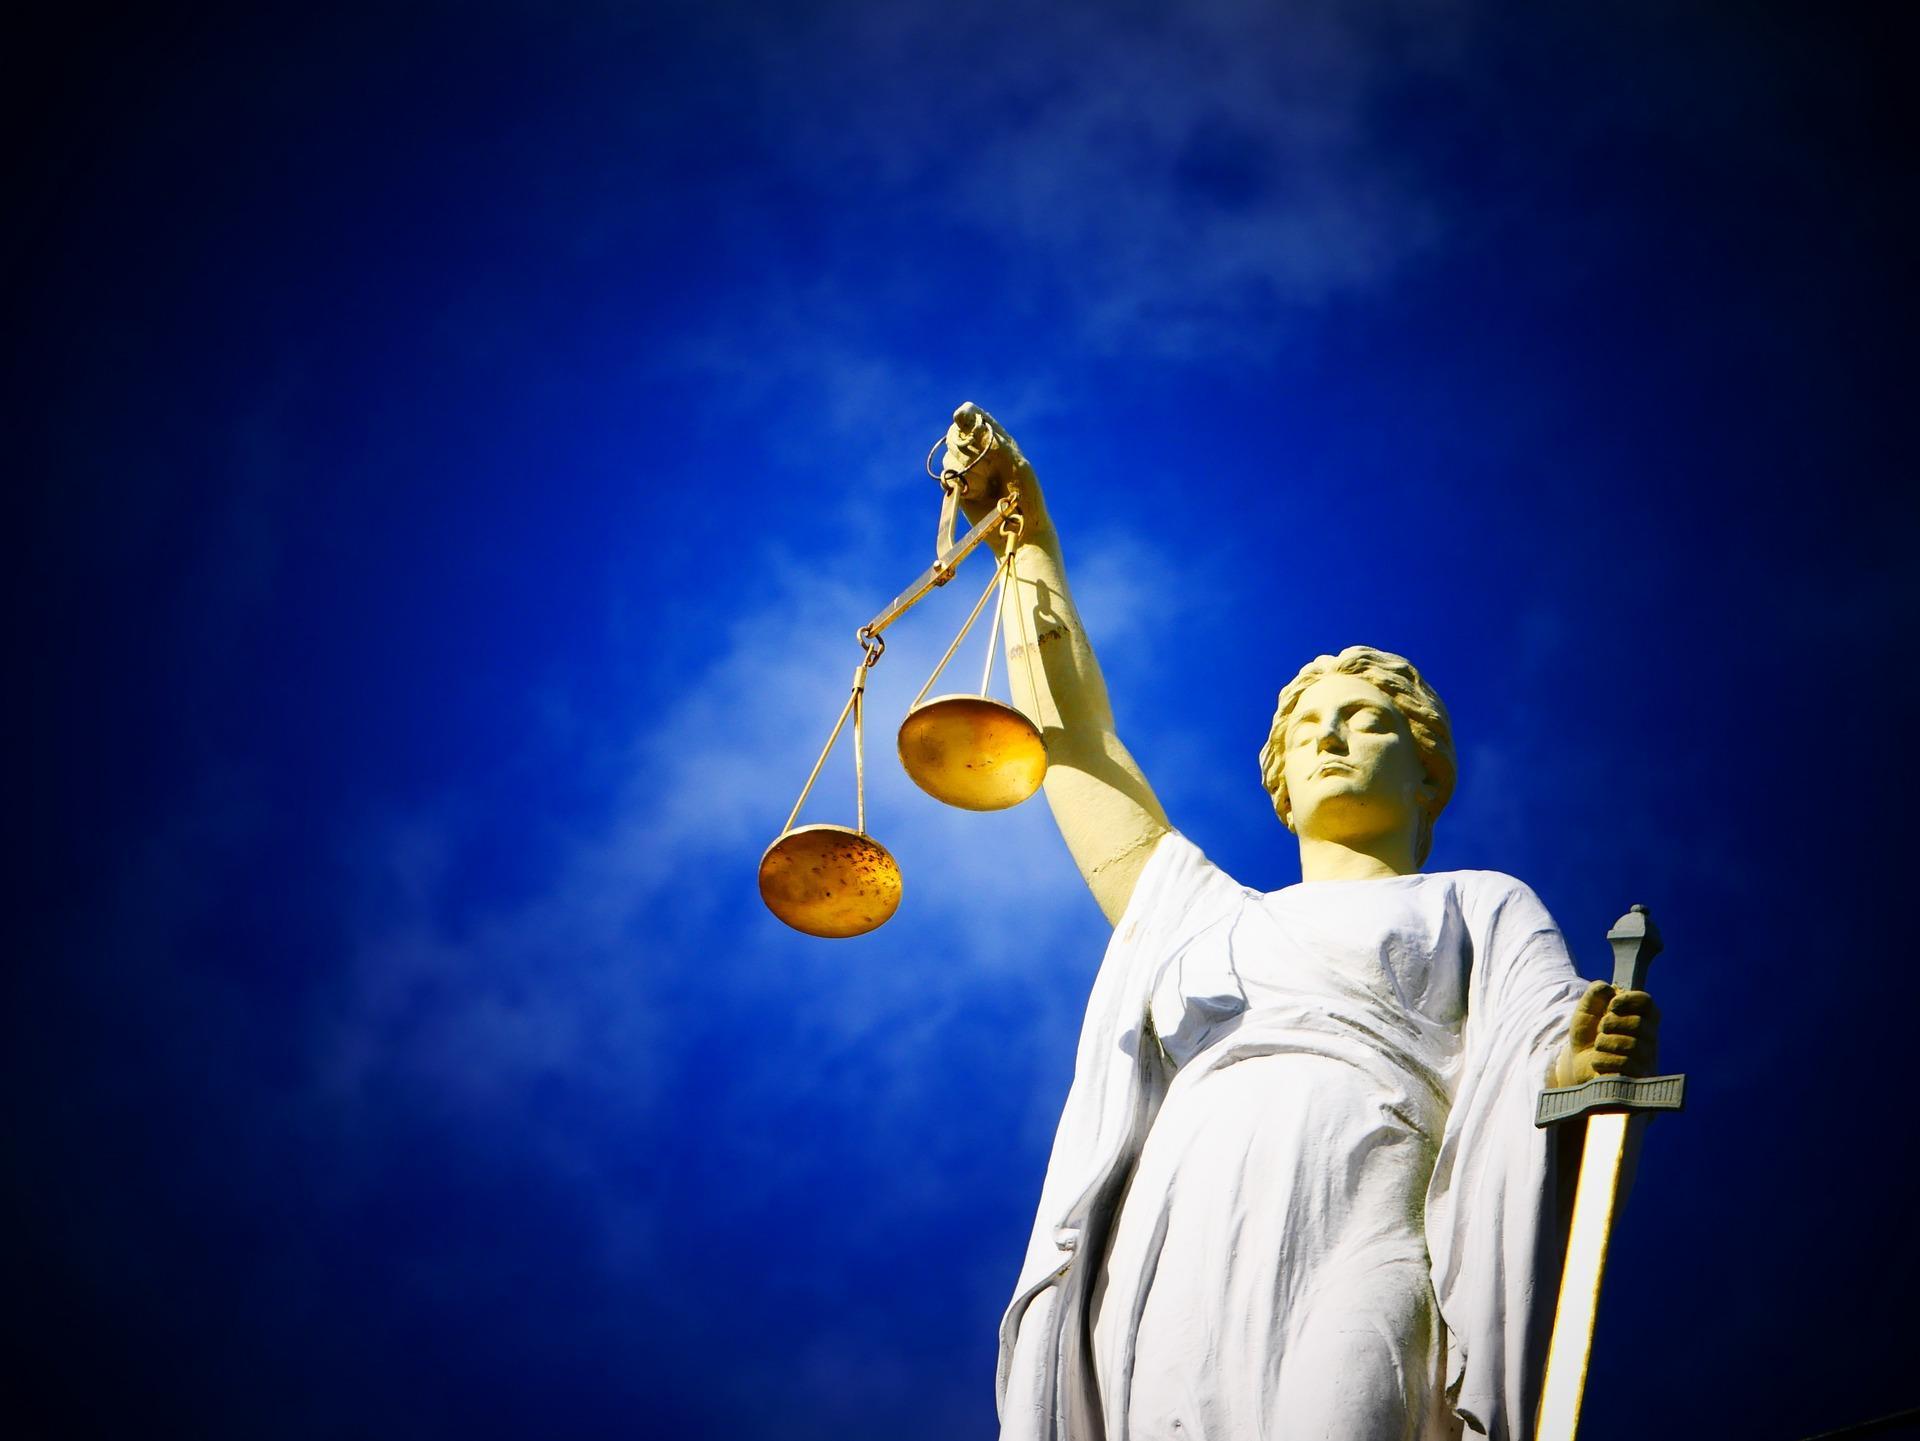 Zwaardere straf voor hoofddader van beroving in Zaandam: slachtoffer huilend in onderbroek op straat gevonden